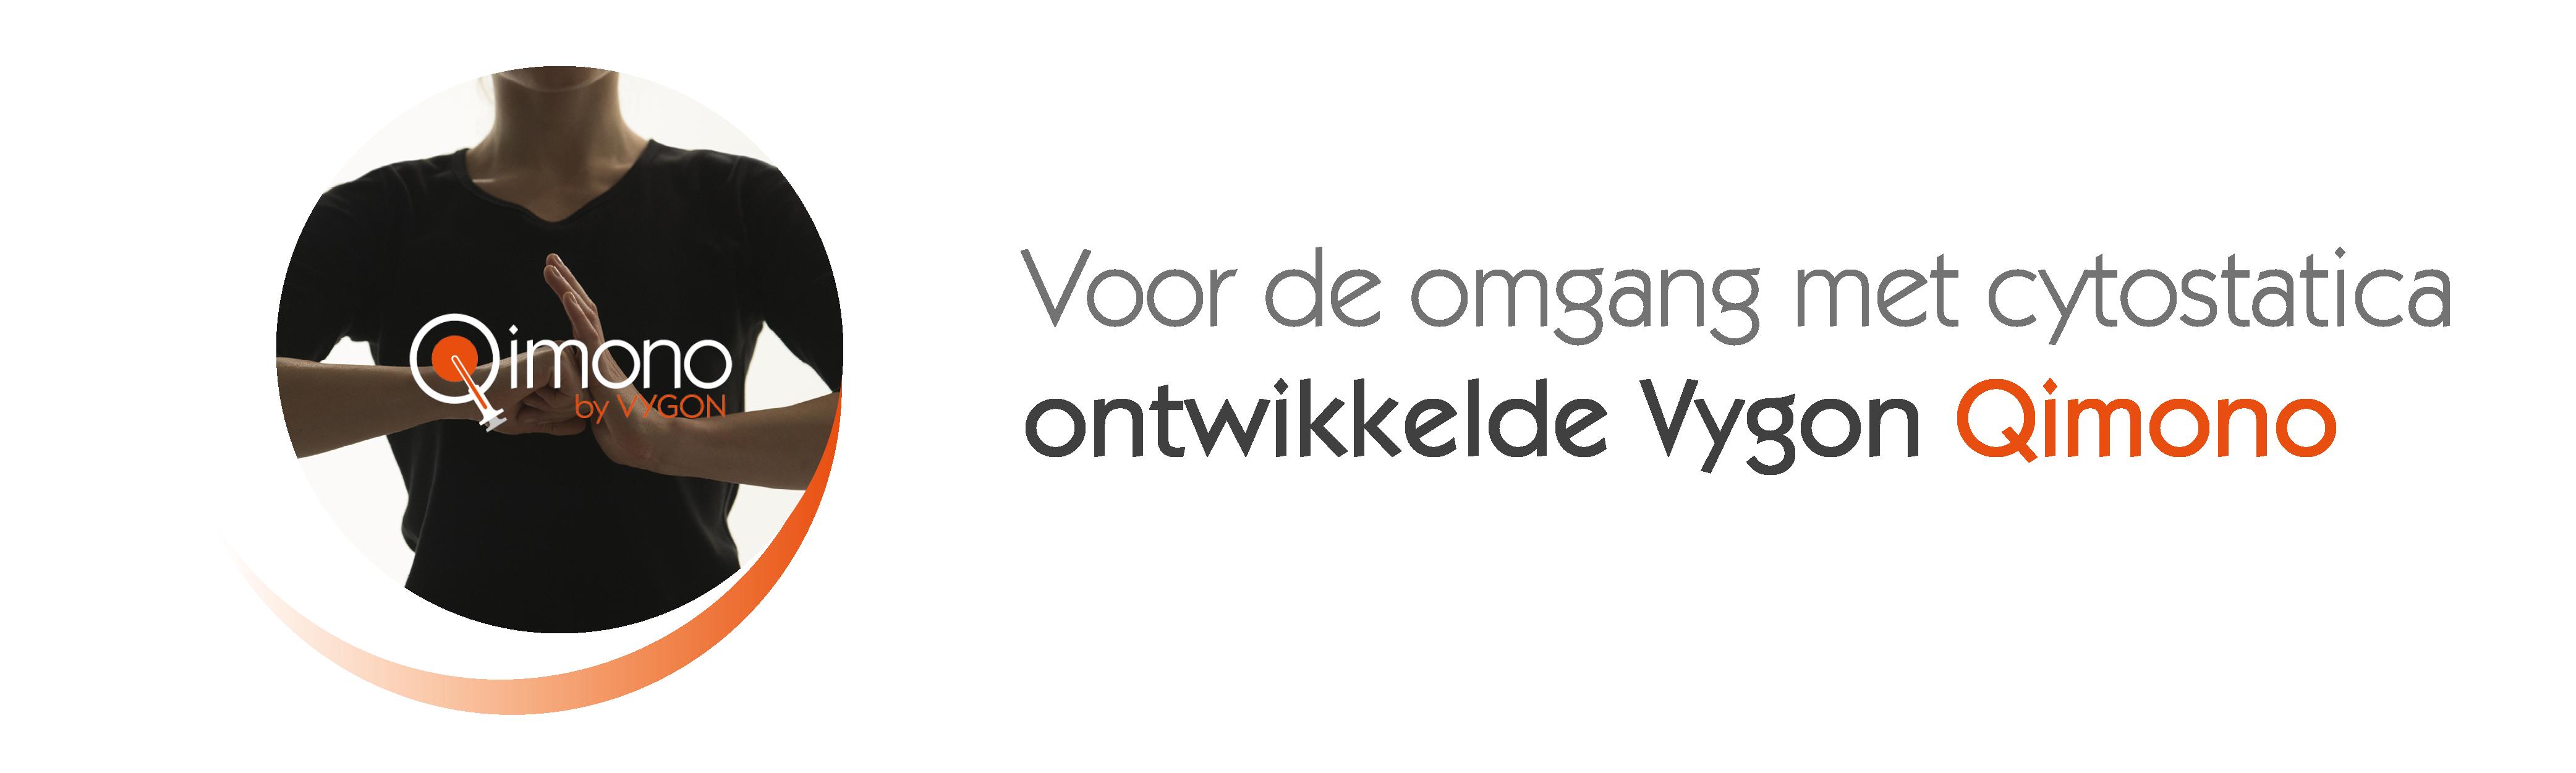 VY16018 - Slider Homepage Qimono (26.01.2016)